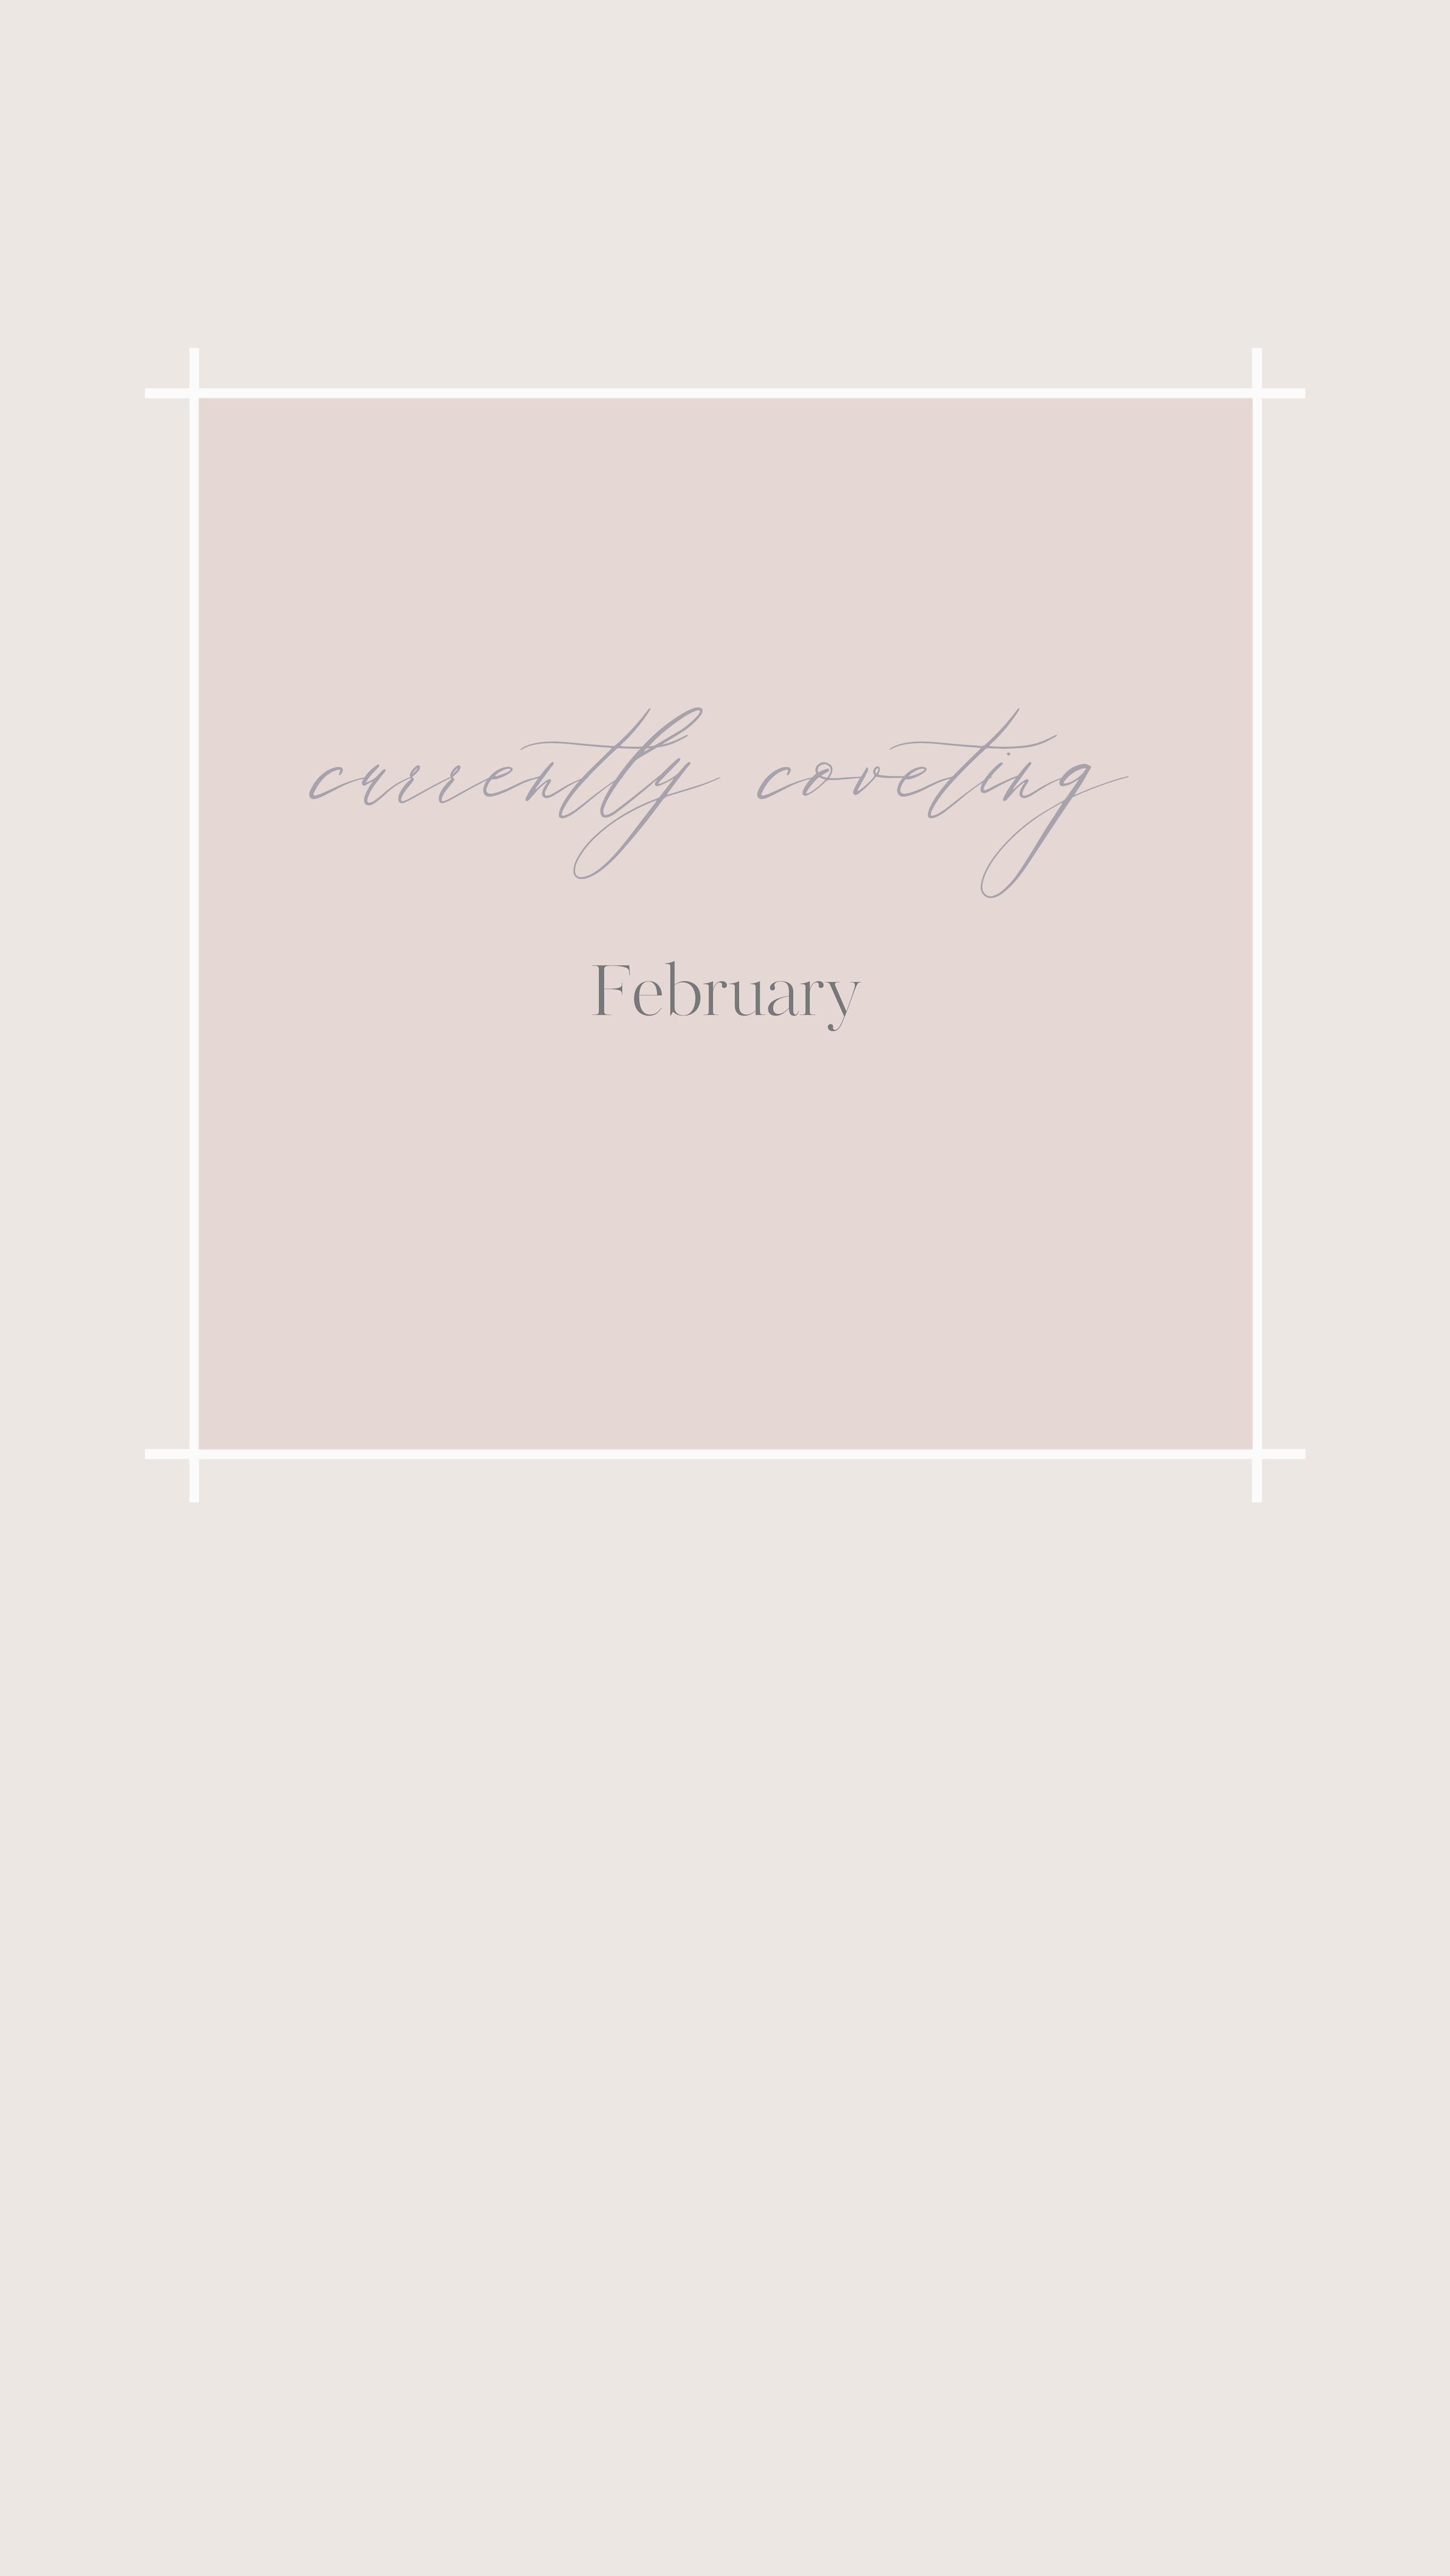 CC February.png